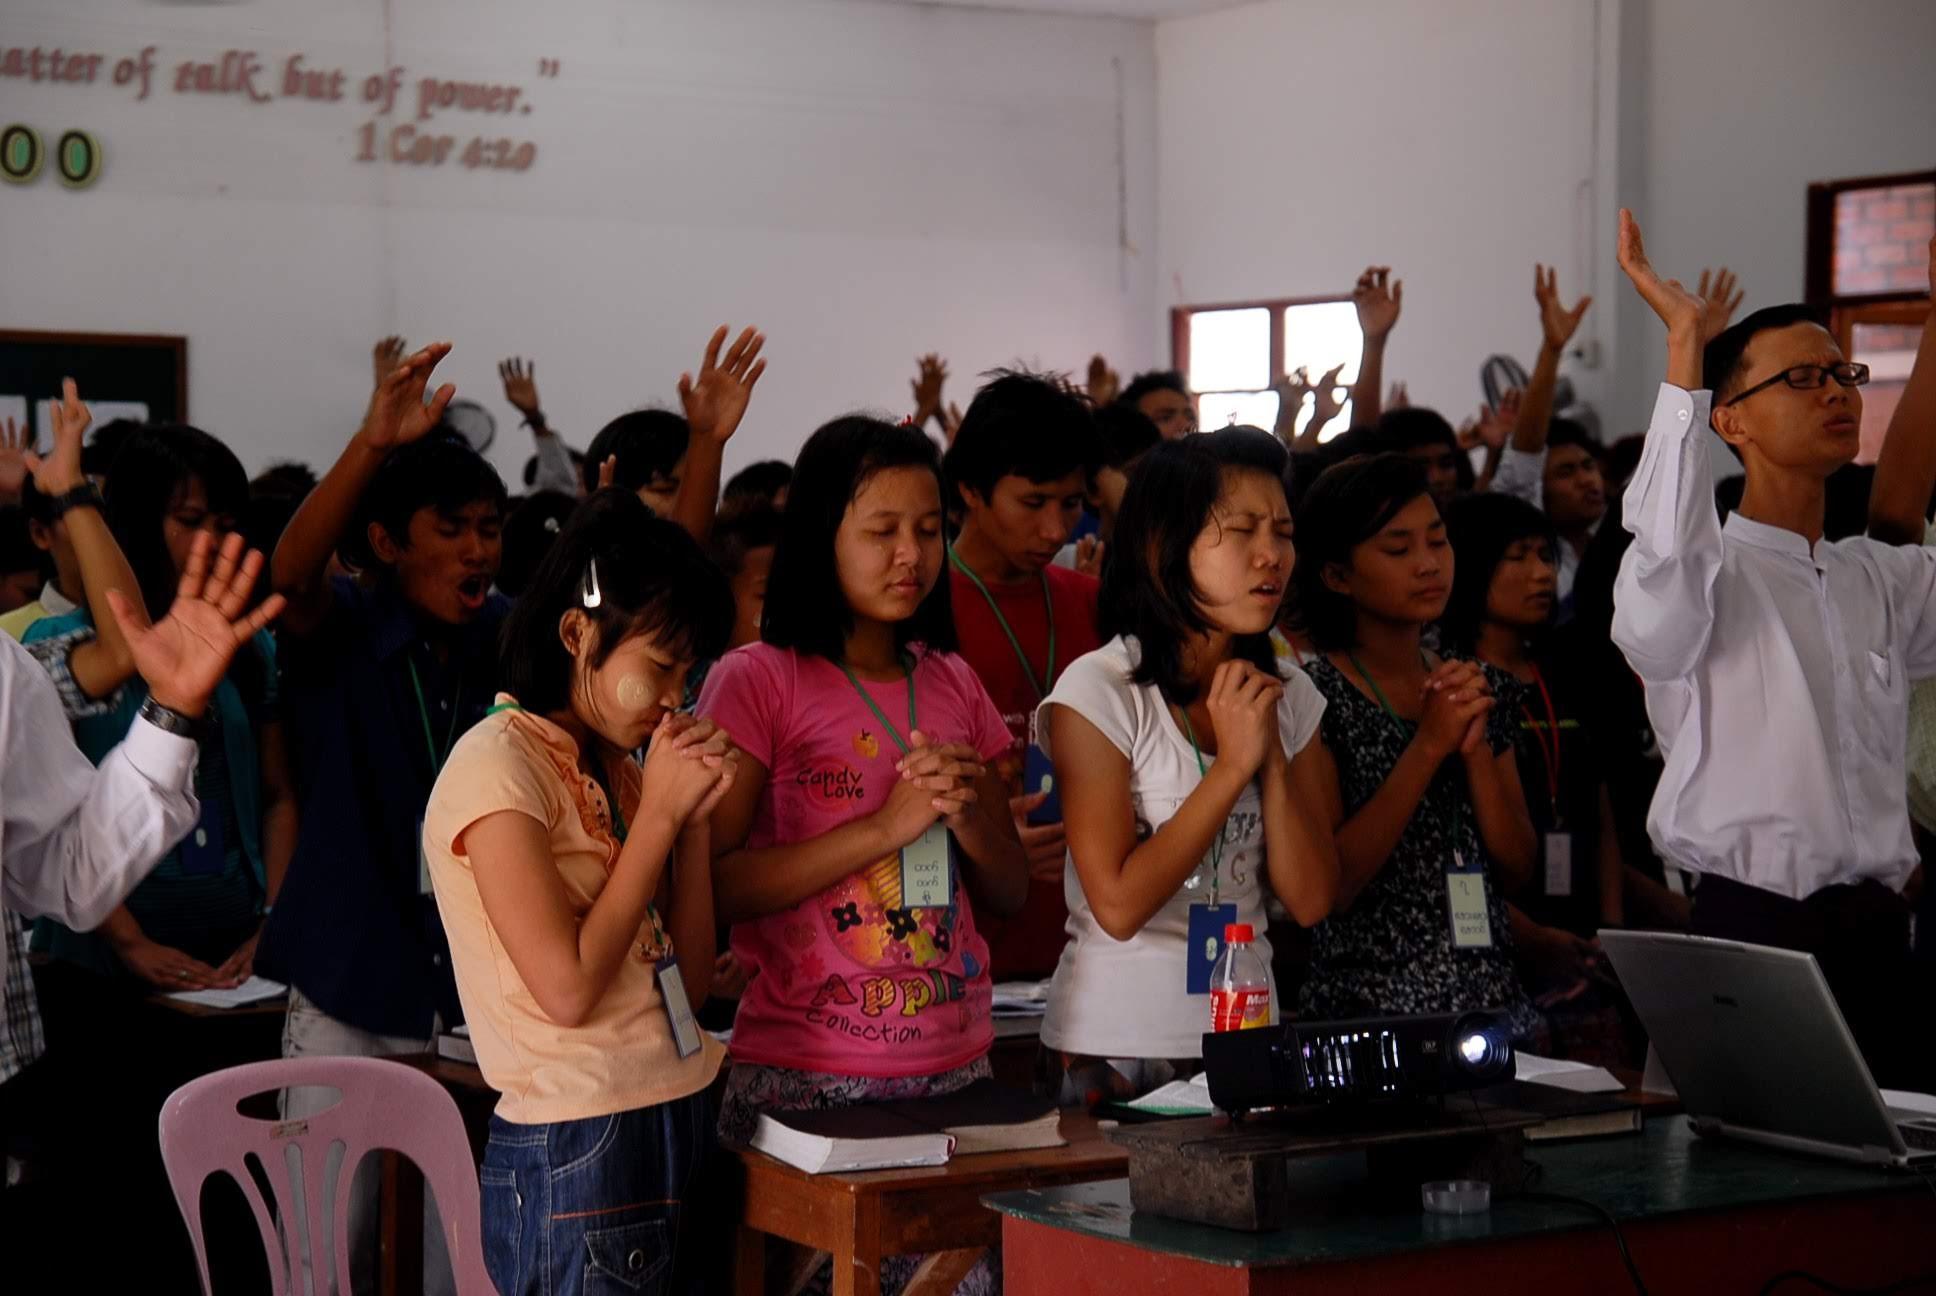 15일. 미얀마 기독교의 미래 – 미얀마의 젊은 목회자들